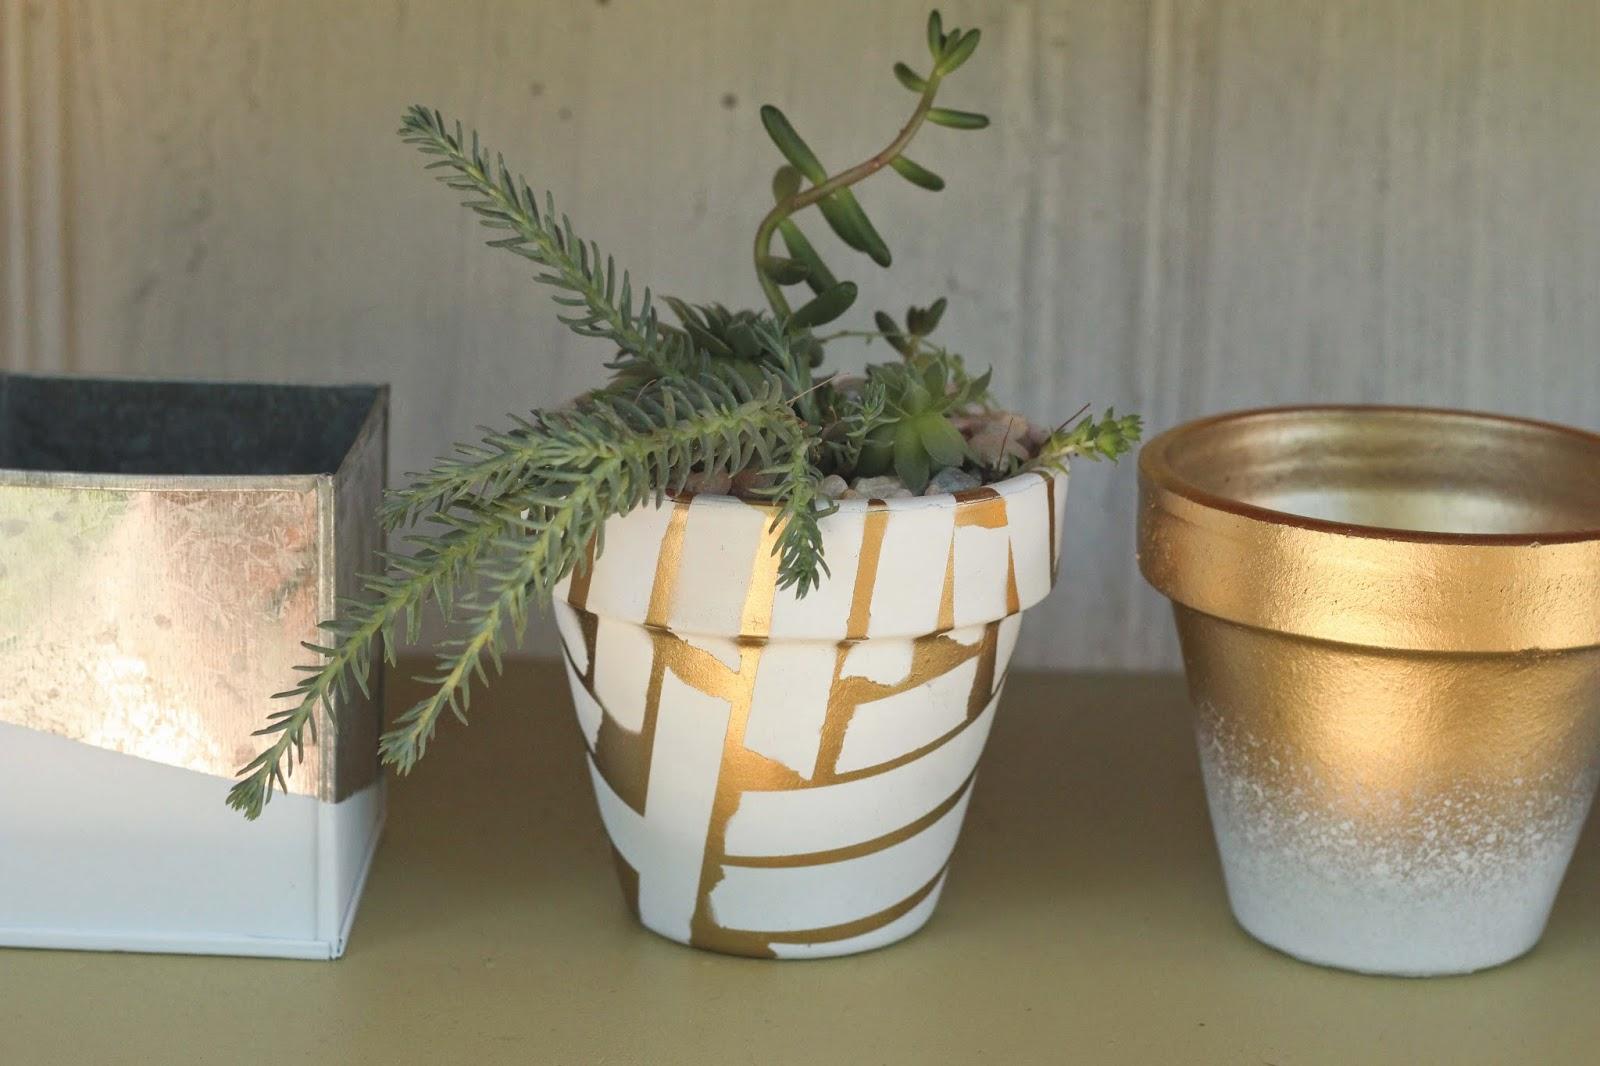 diy: spray painted pots | heywandererblog | Bloglovin